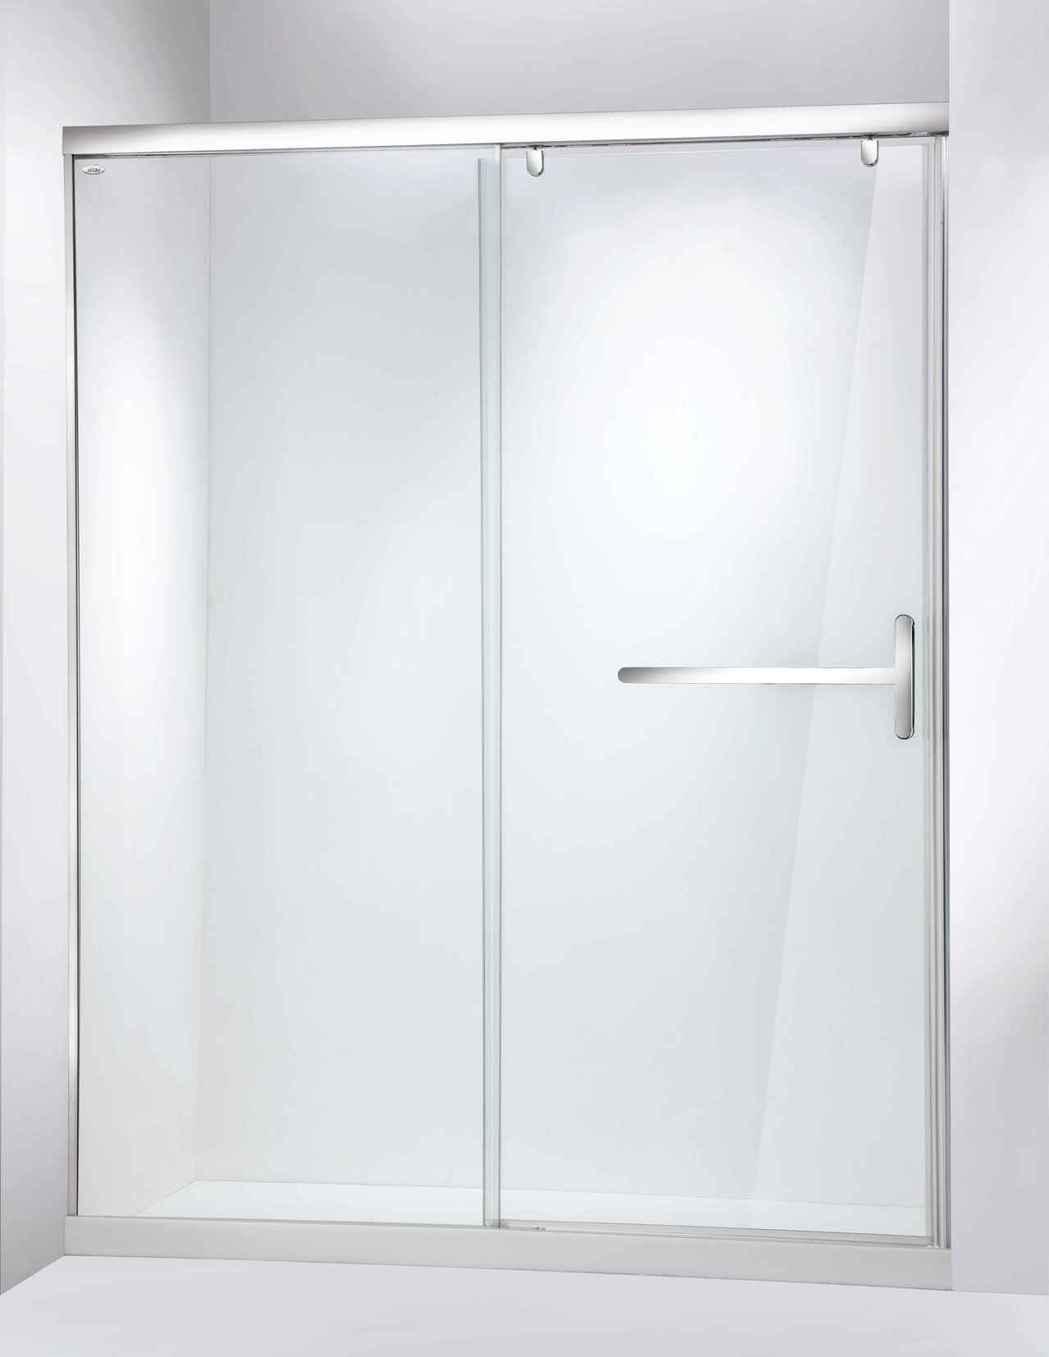 ITAI2019新款橫拉式淋浴拉門。 一太e衛浴/提供